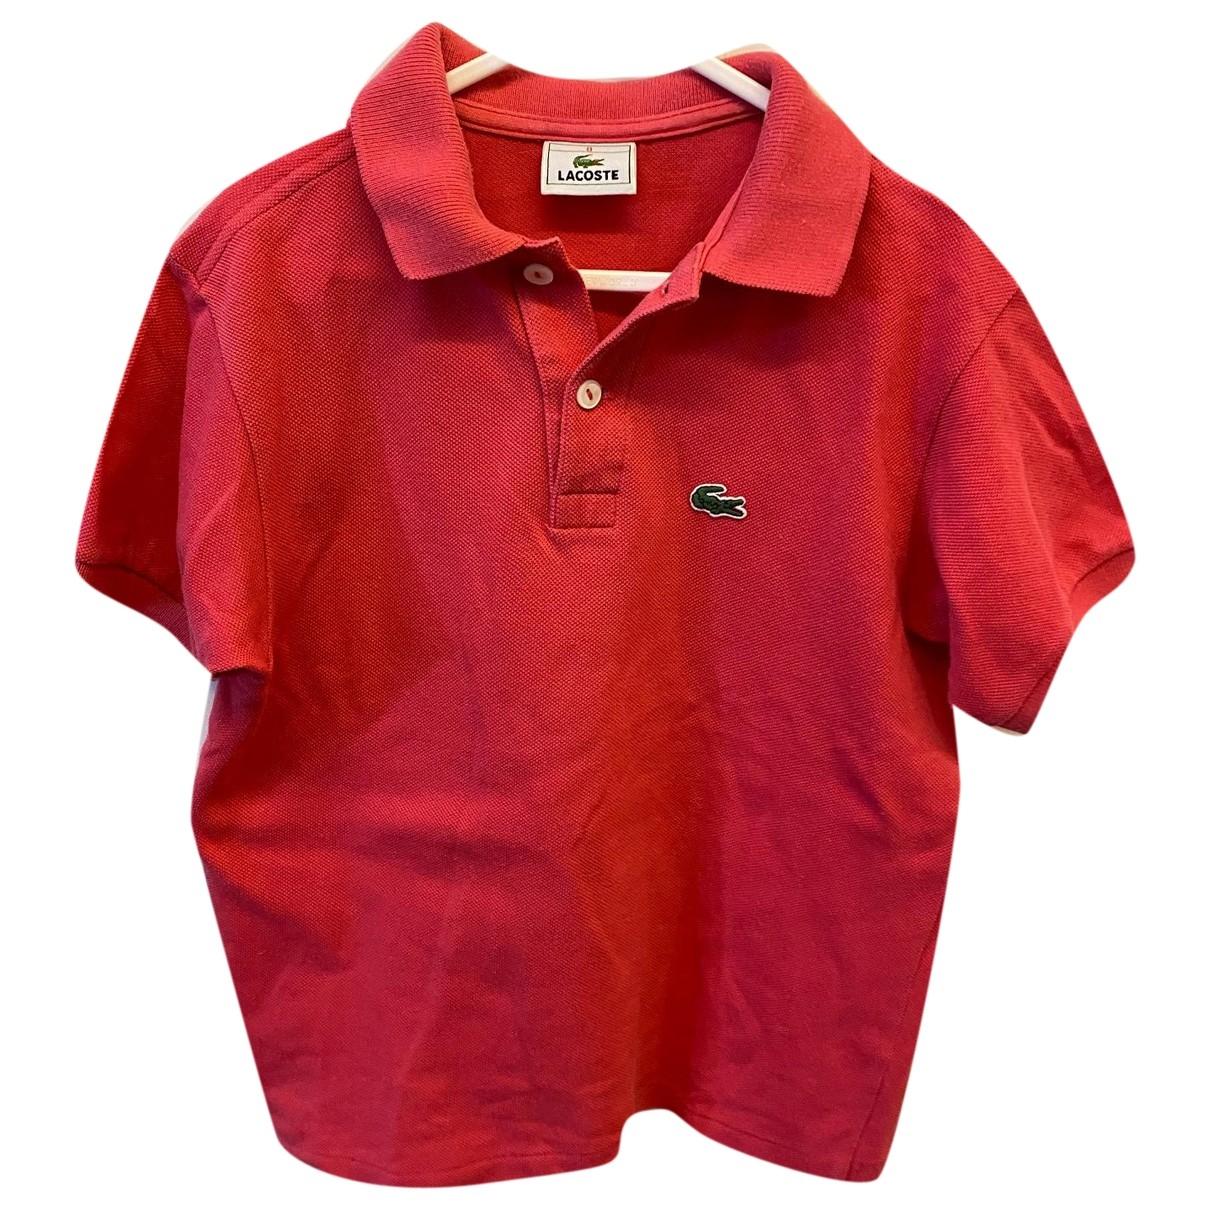 Lacoste - Top   pour enfant en coton - rose